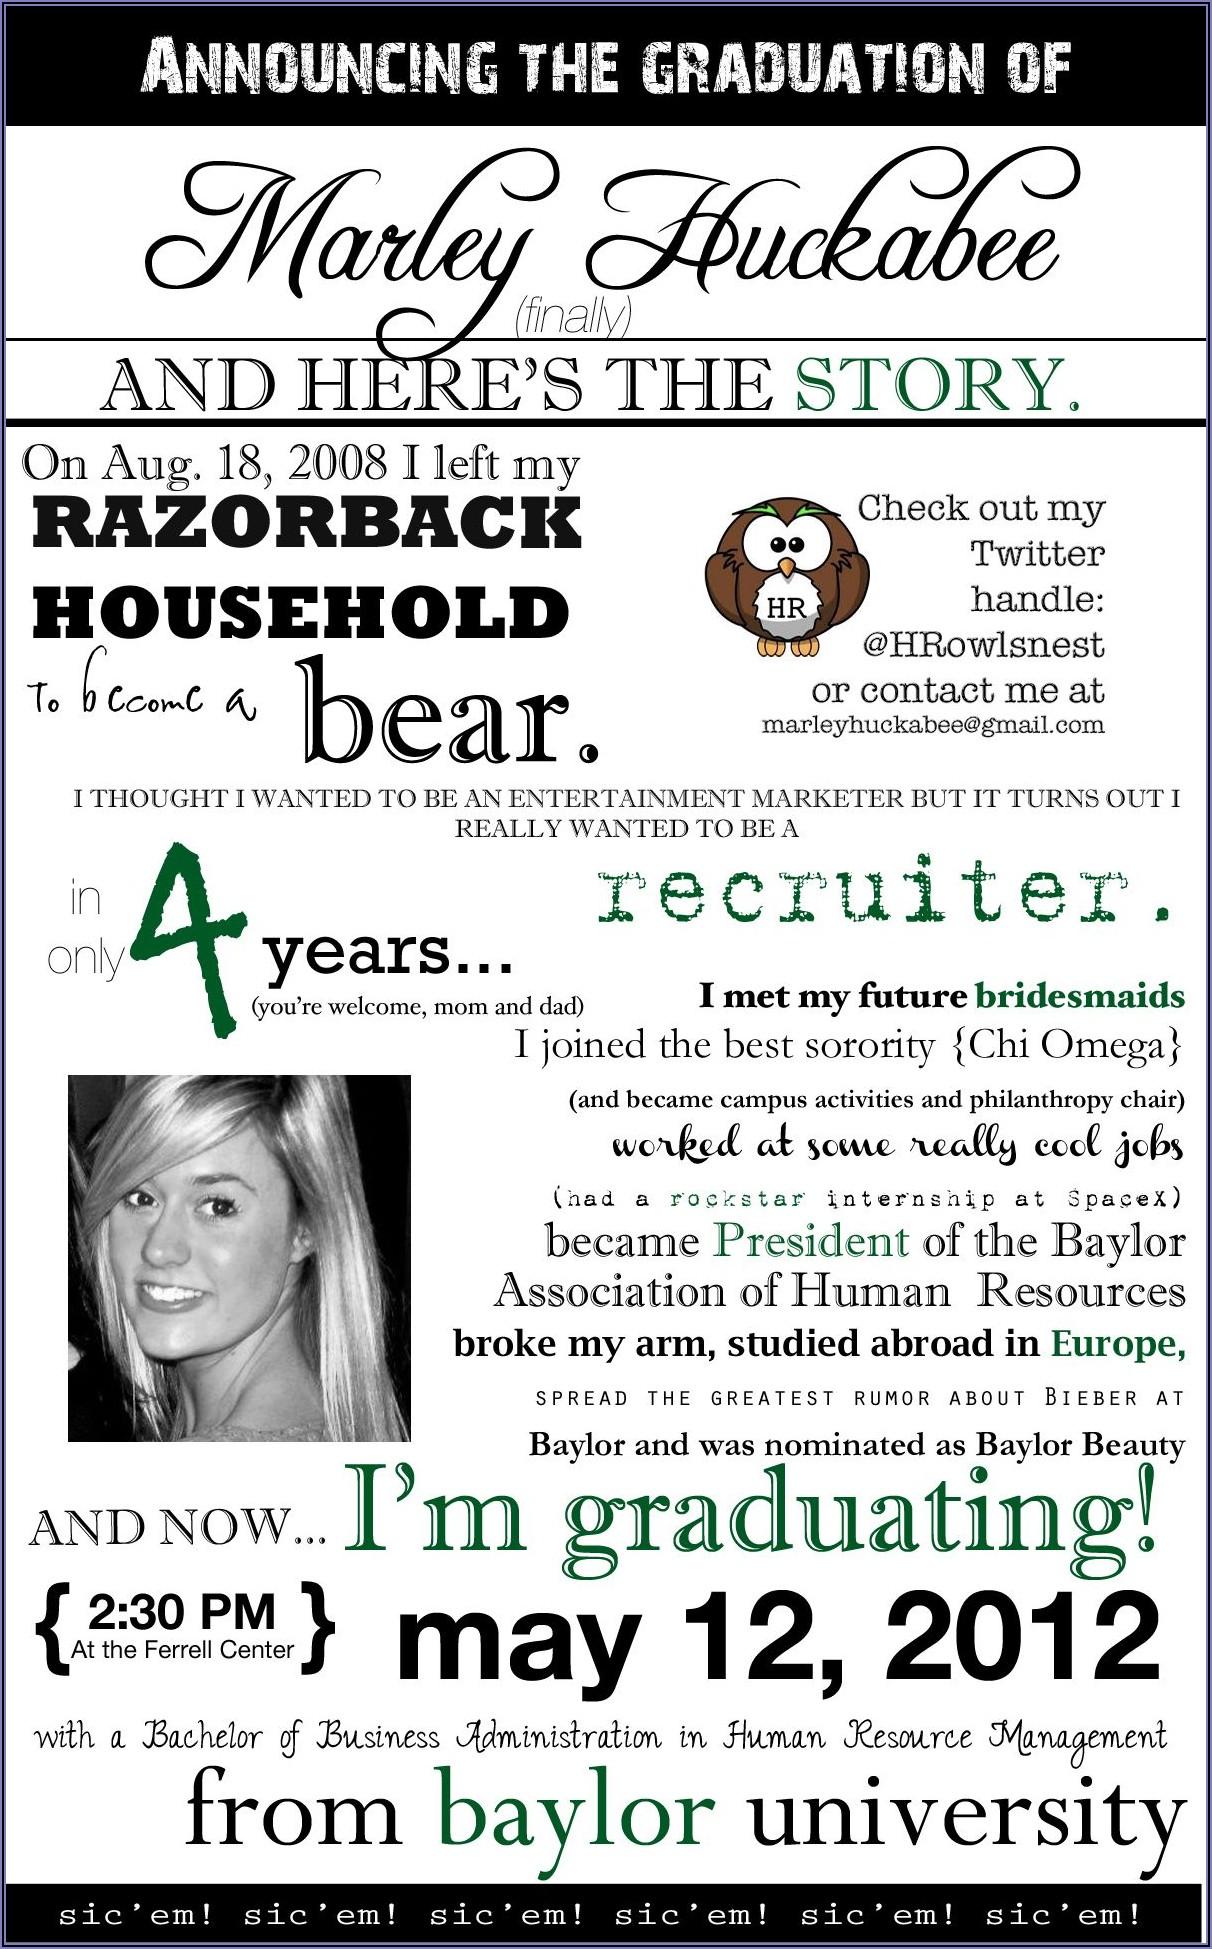 Phd Graduation Announcement Etiquette